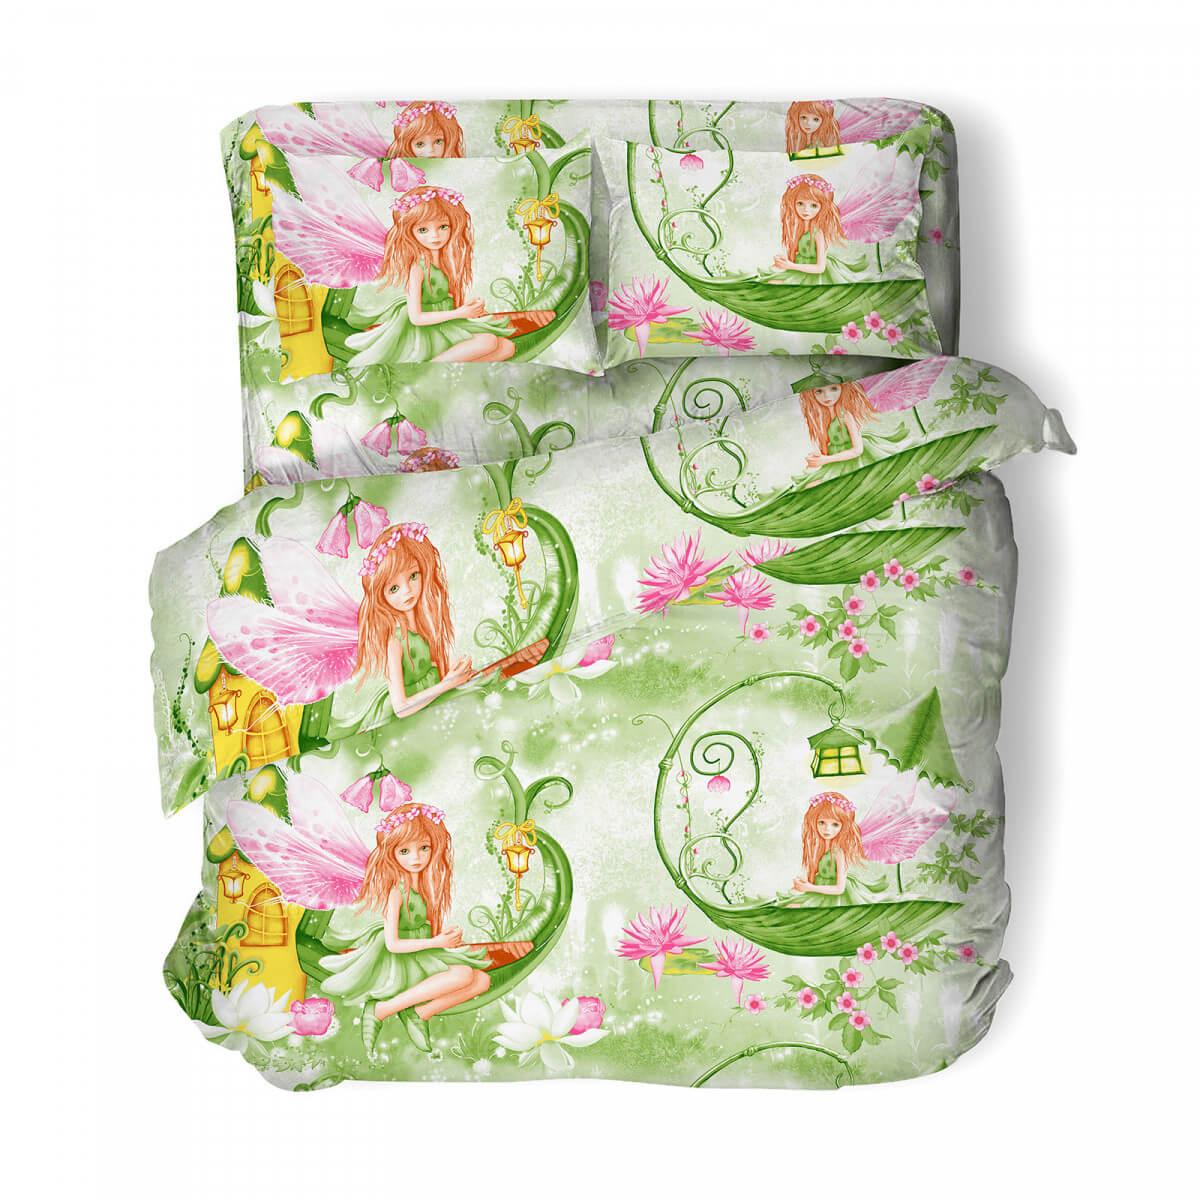 """Комплект постельного белья 1,5-спальный, бязь """"Комфорт"""", детская расцветка (В гости к феечке)"""